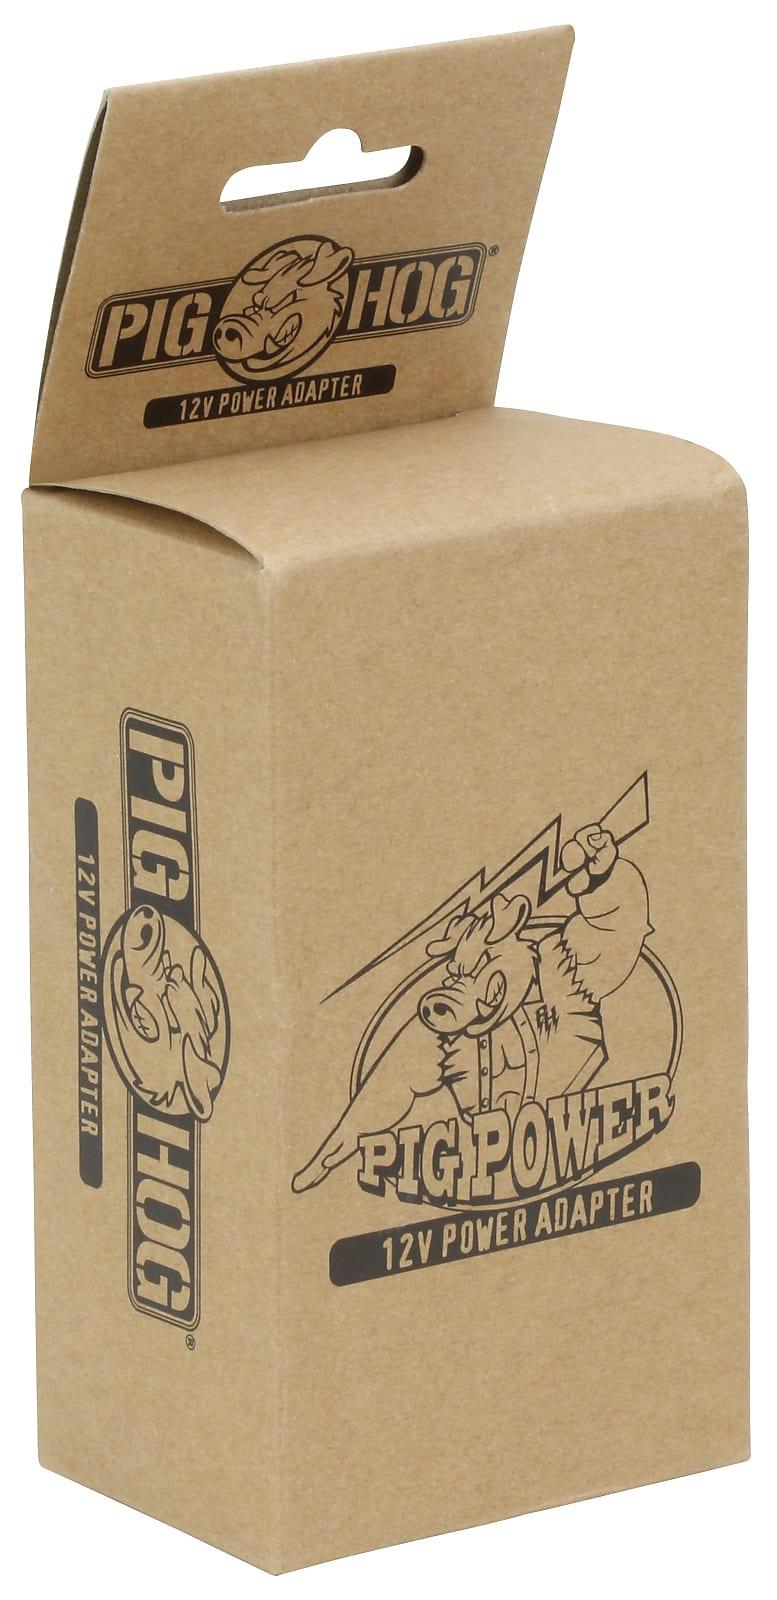 Pig Hog Pig Power 12V 1.5A Center Positive Power Supply PP12V